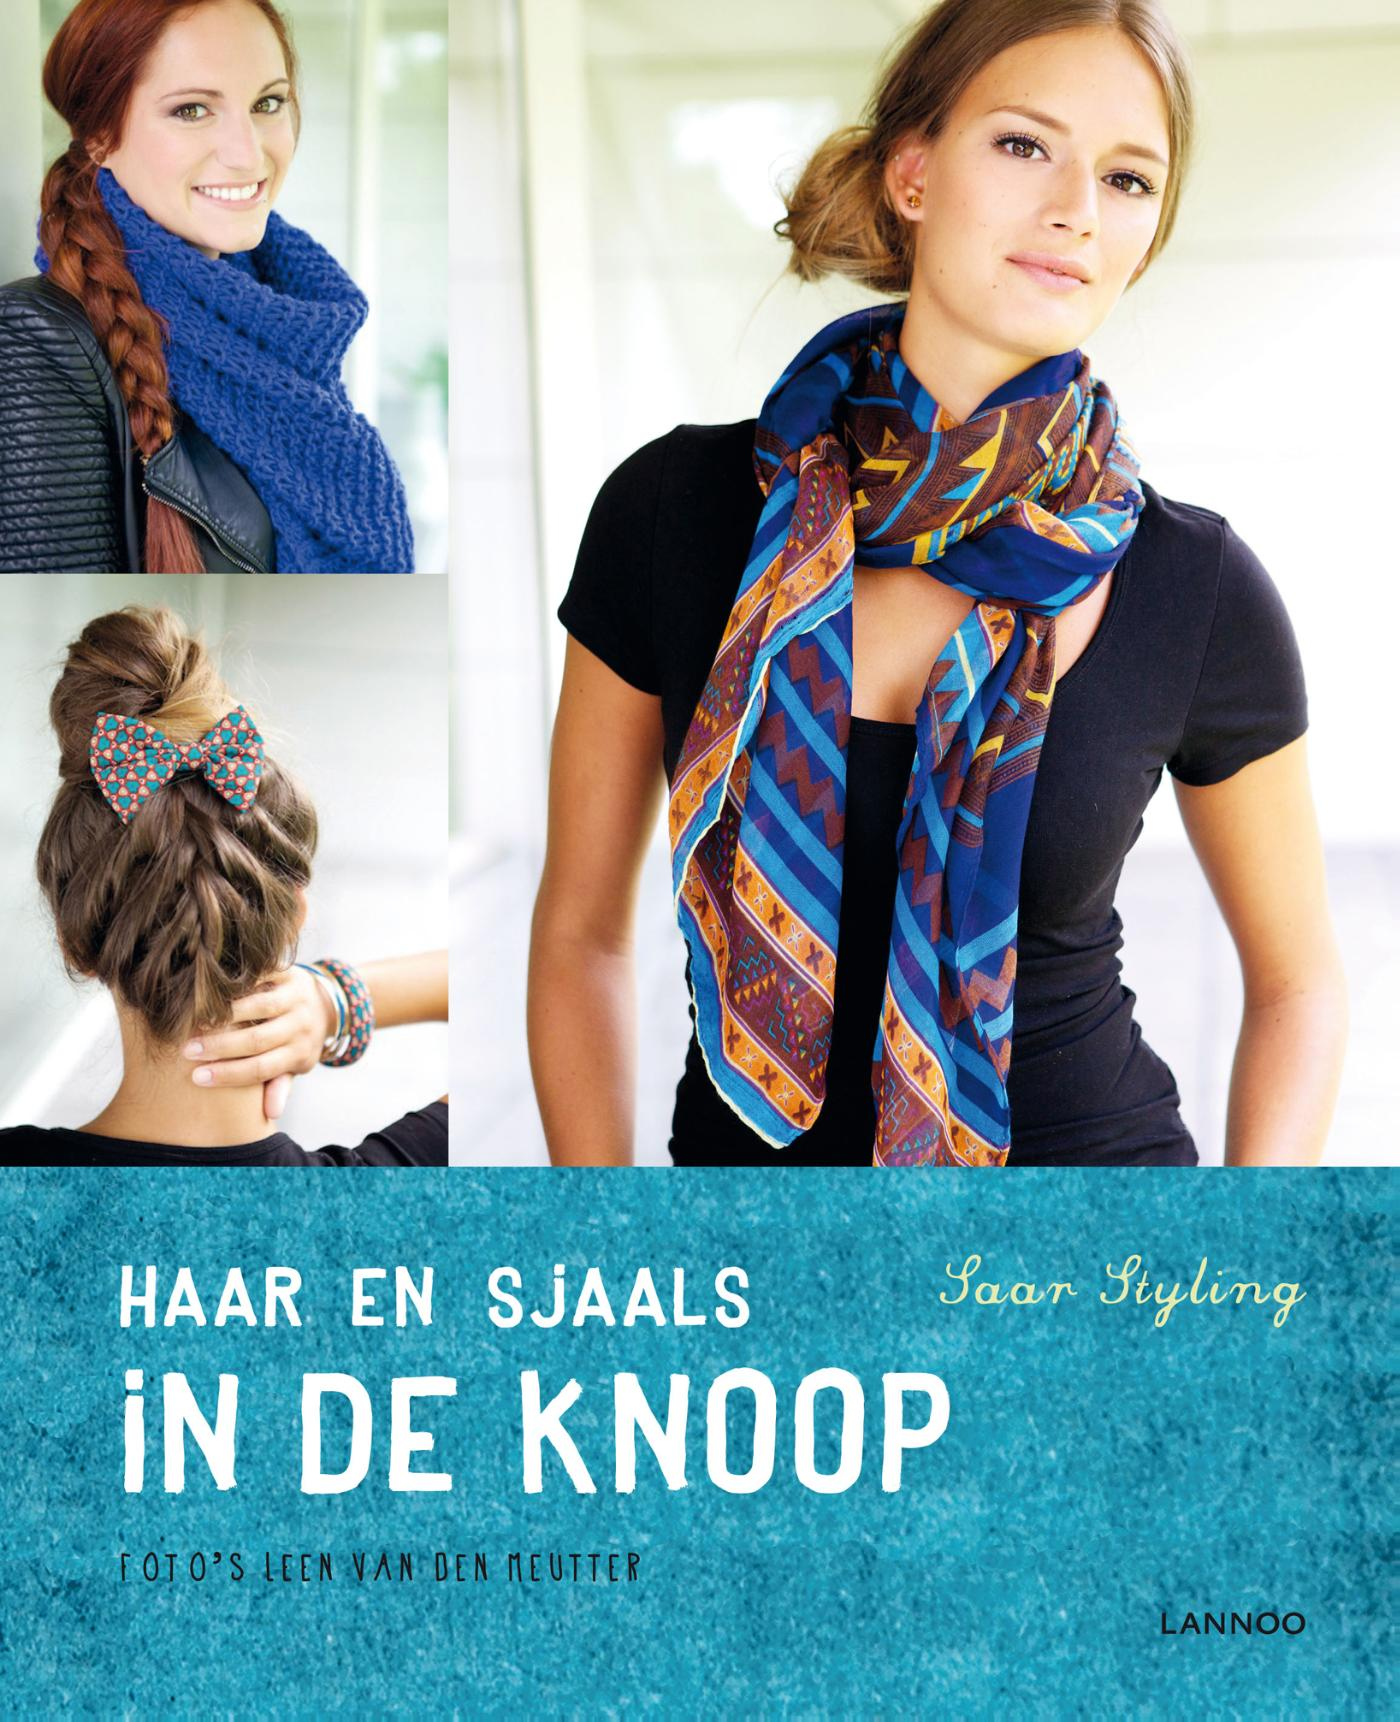 Haar en sjaals in de knoop